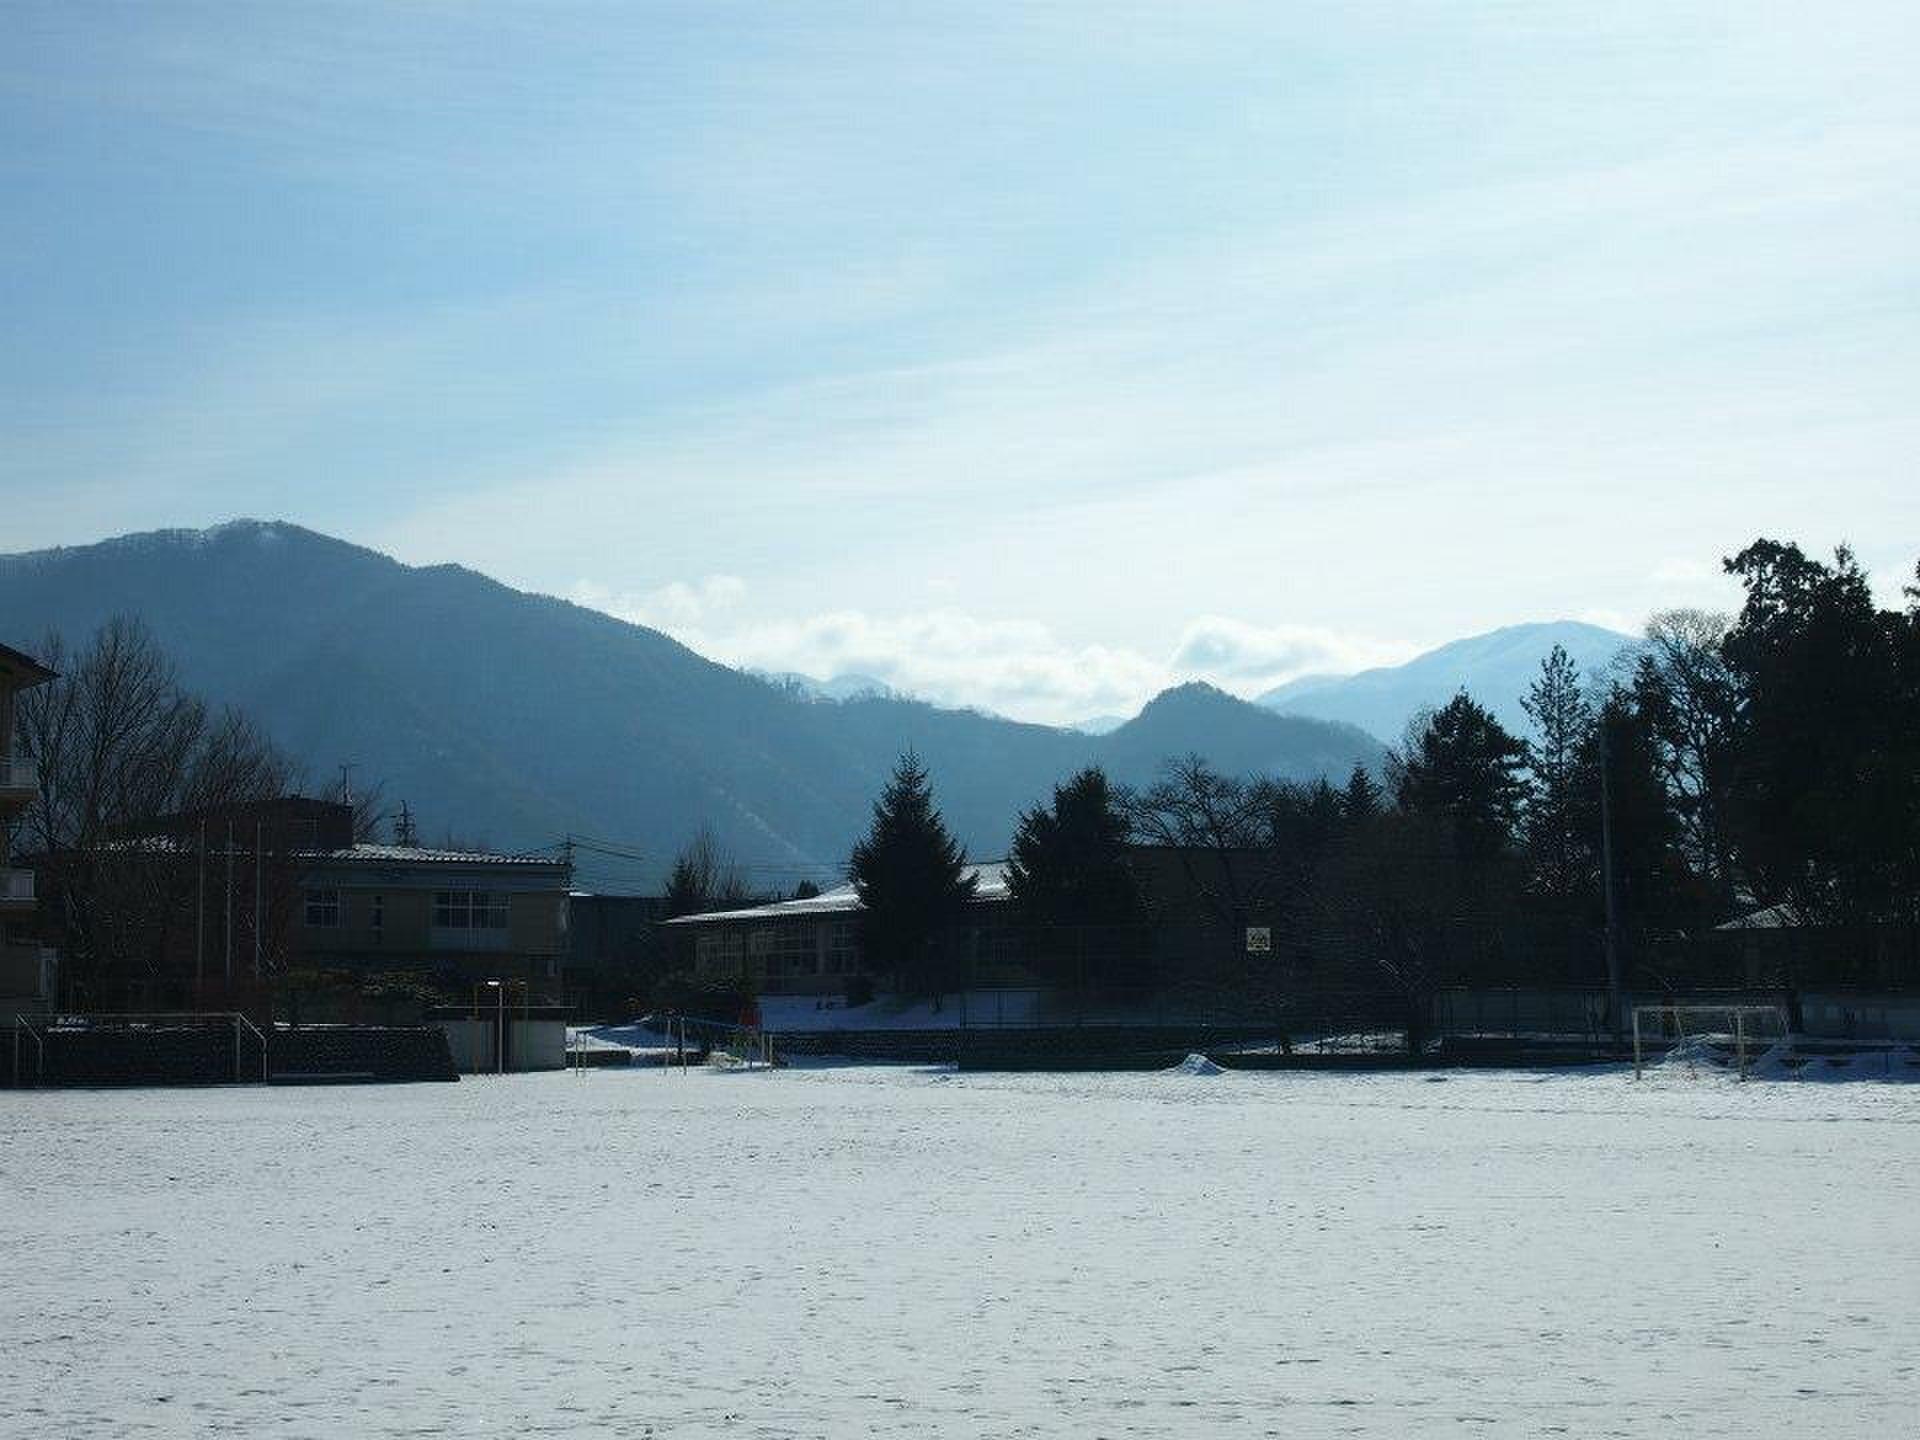 【冬休み旅行はここに決定!】国内で絶景雪景色が見れるスポット6選☆